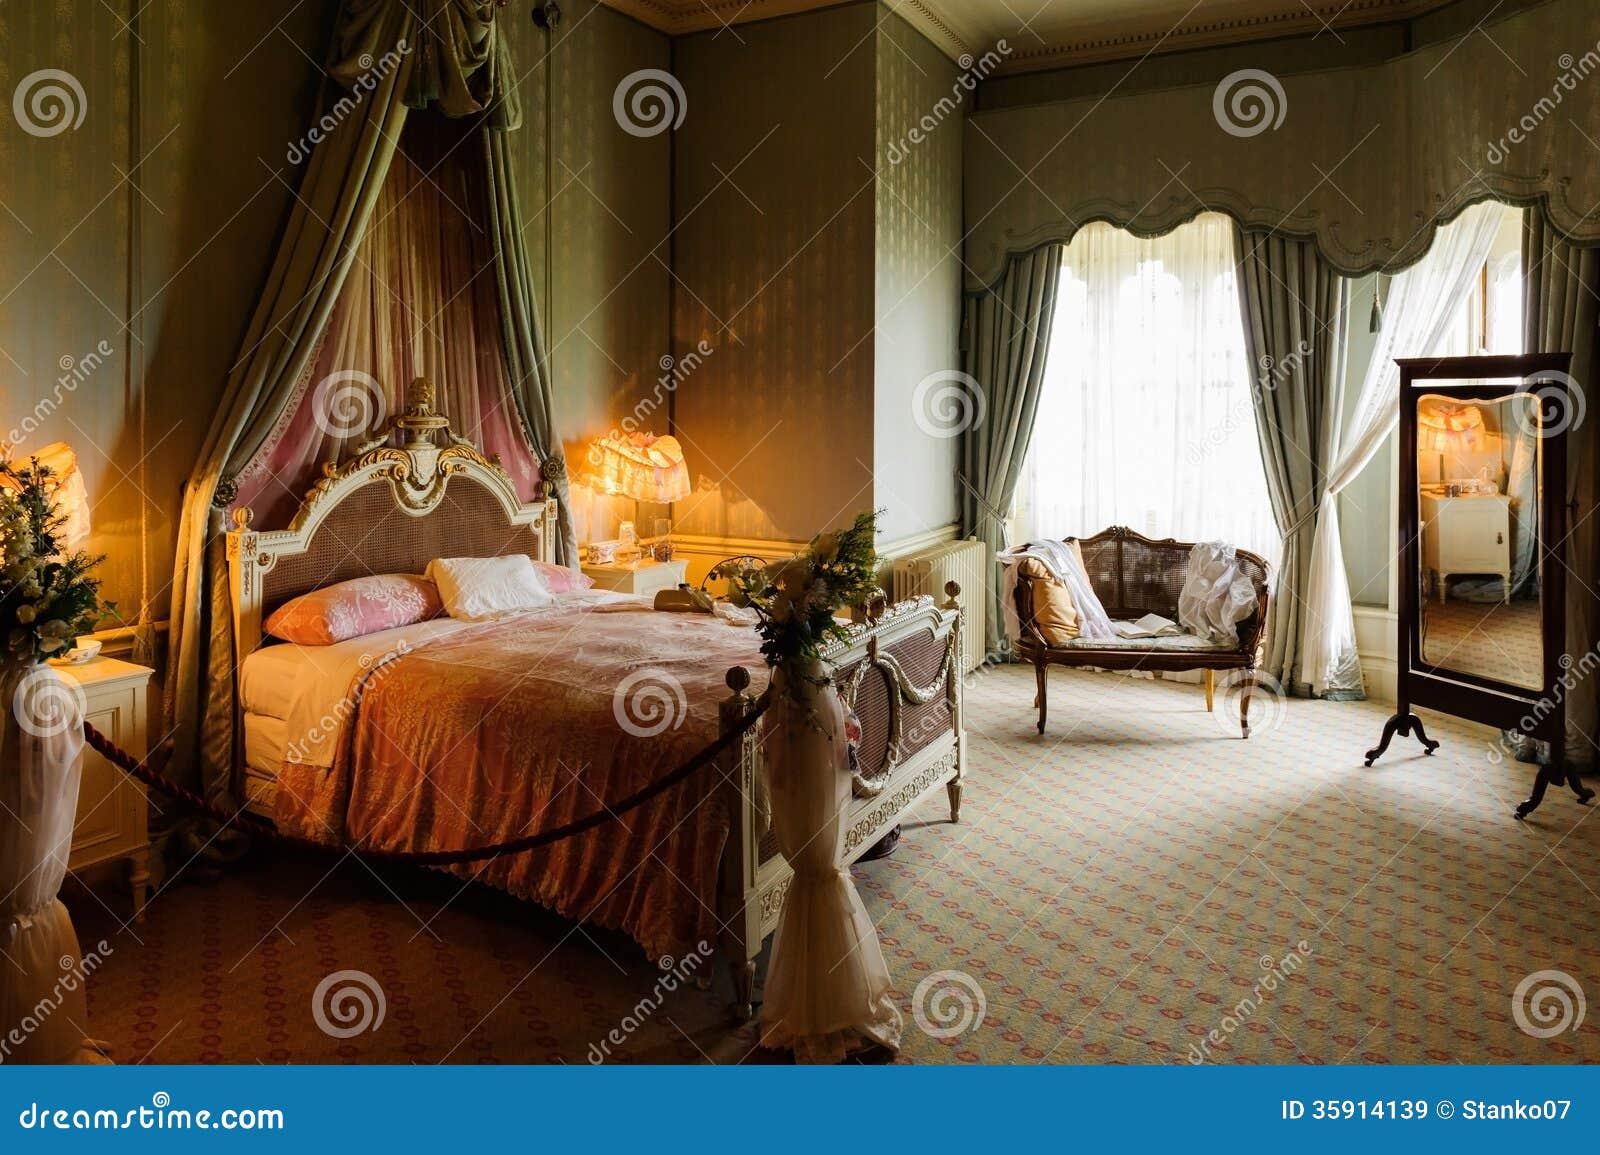 Viktorianskt sovrum royaltyfria bilder   bild: 35914139